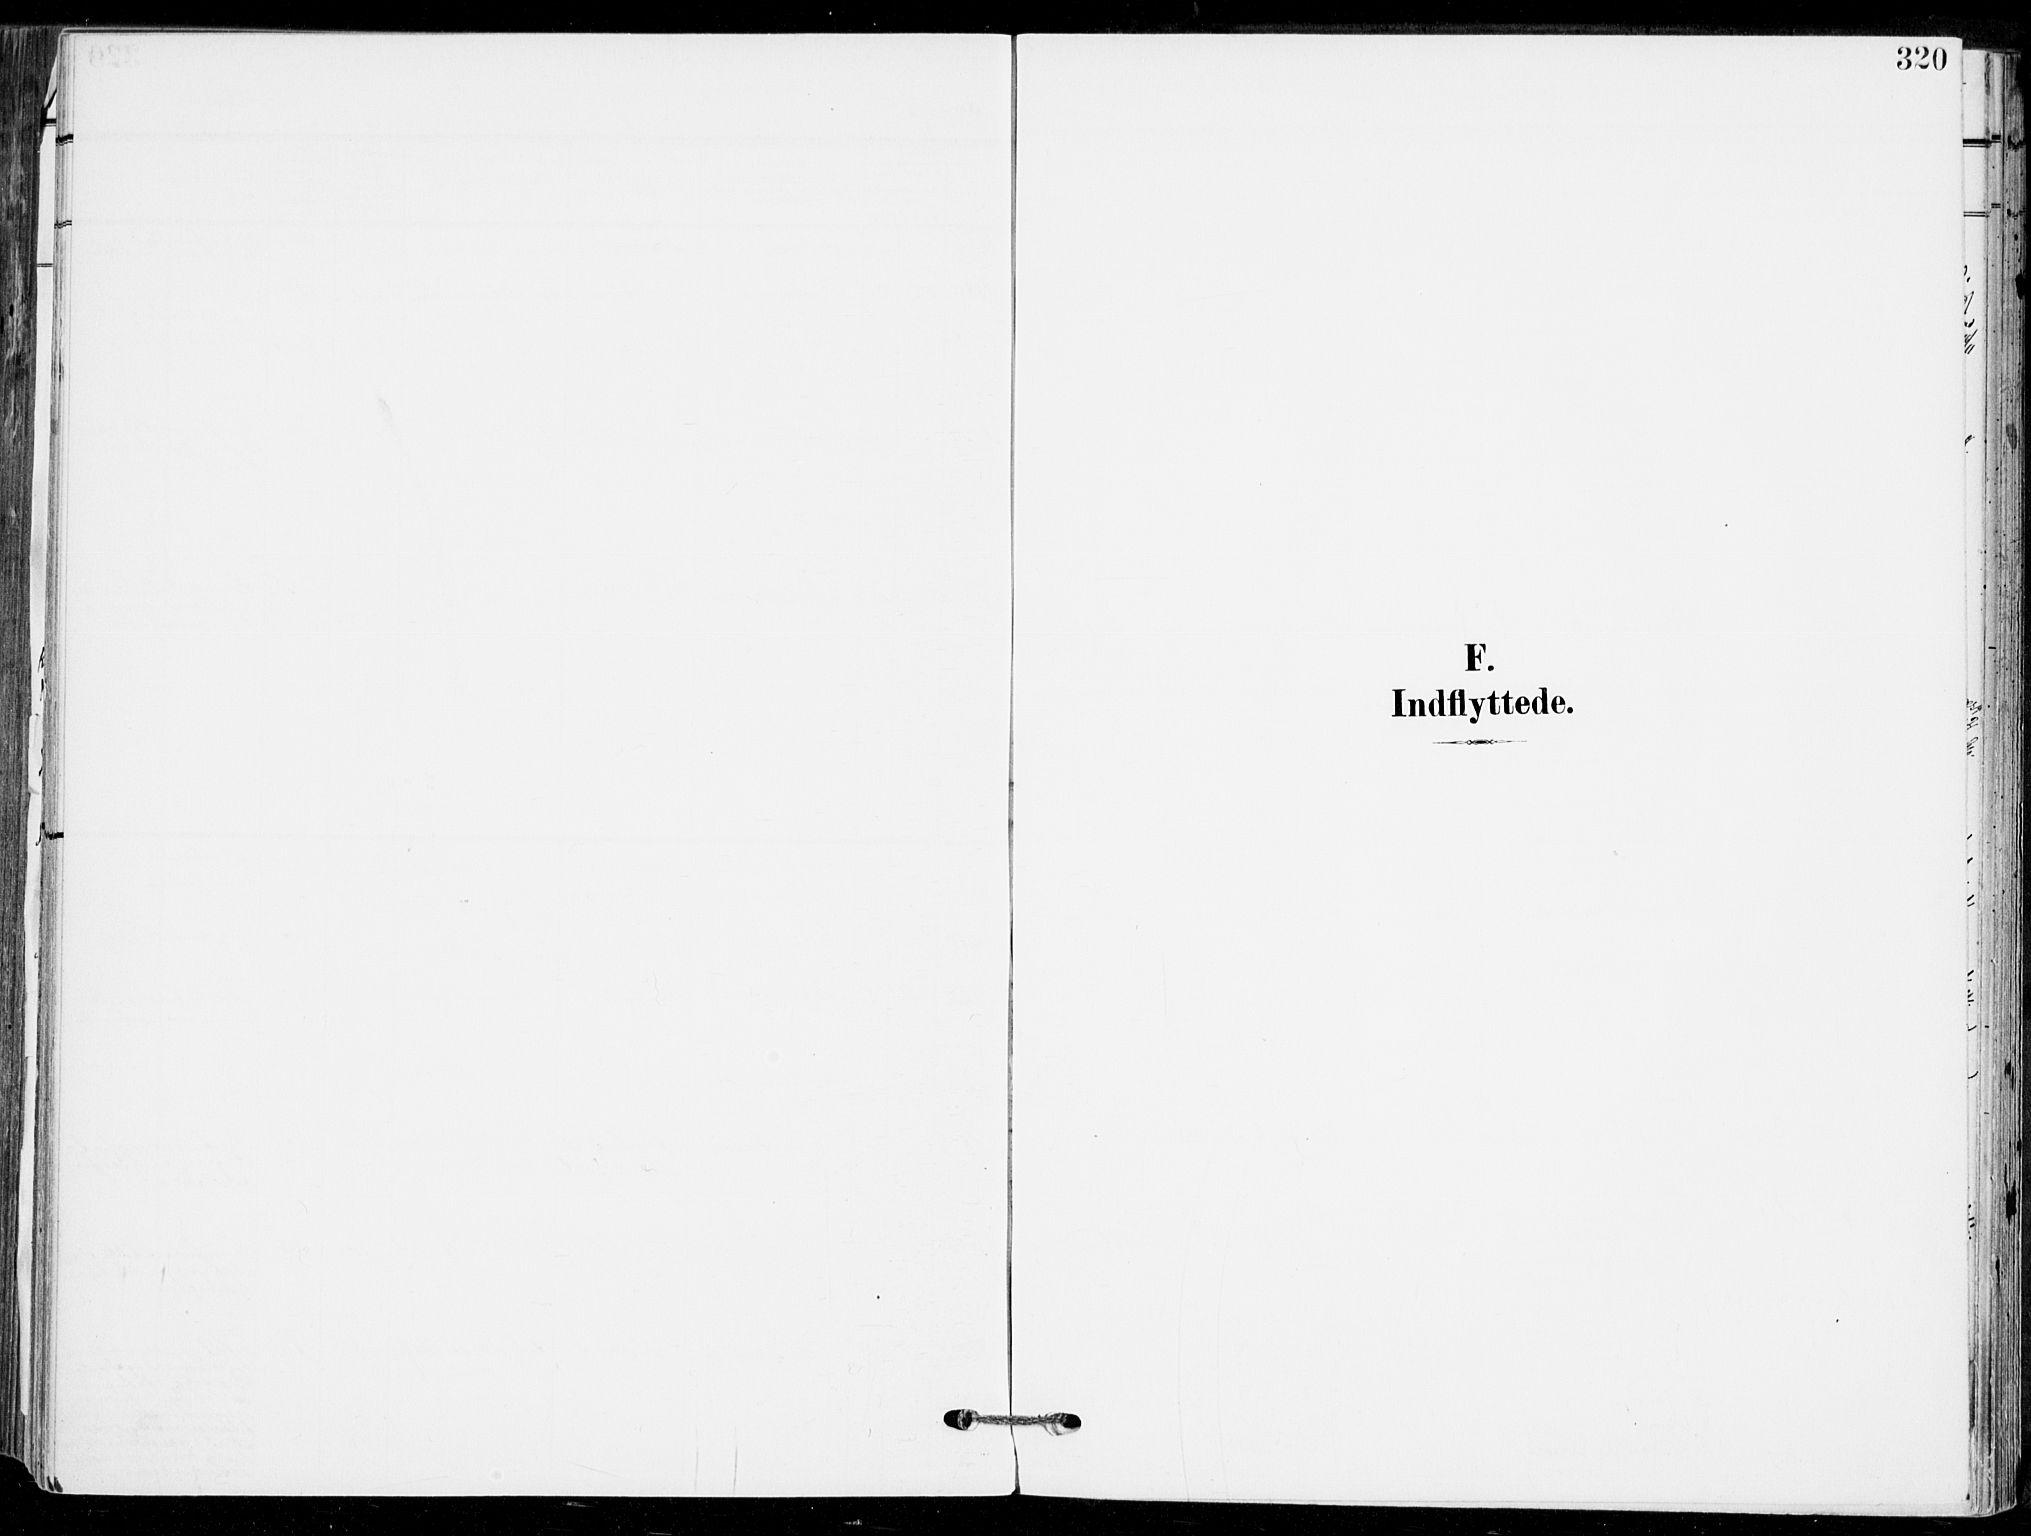 SAKO, Sande Kirkebøker, F/Fa/L0008: Ministerialbok nr. 8, 1904-1921, s. 320